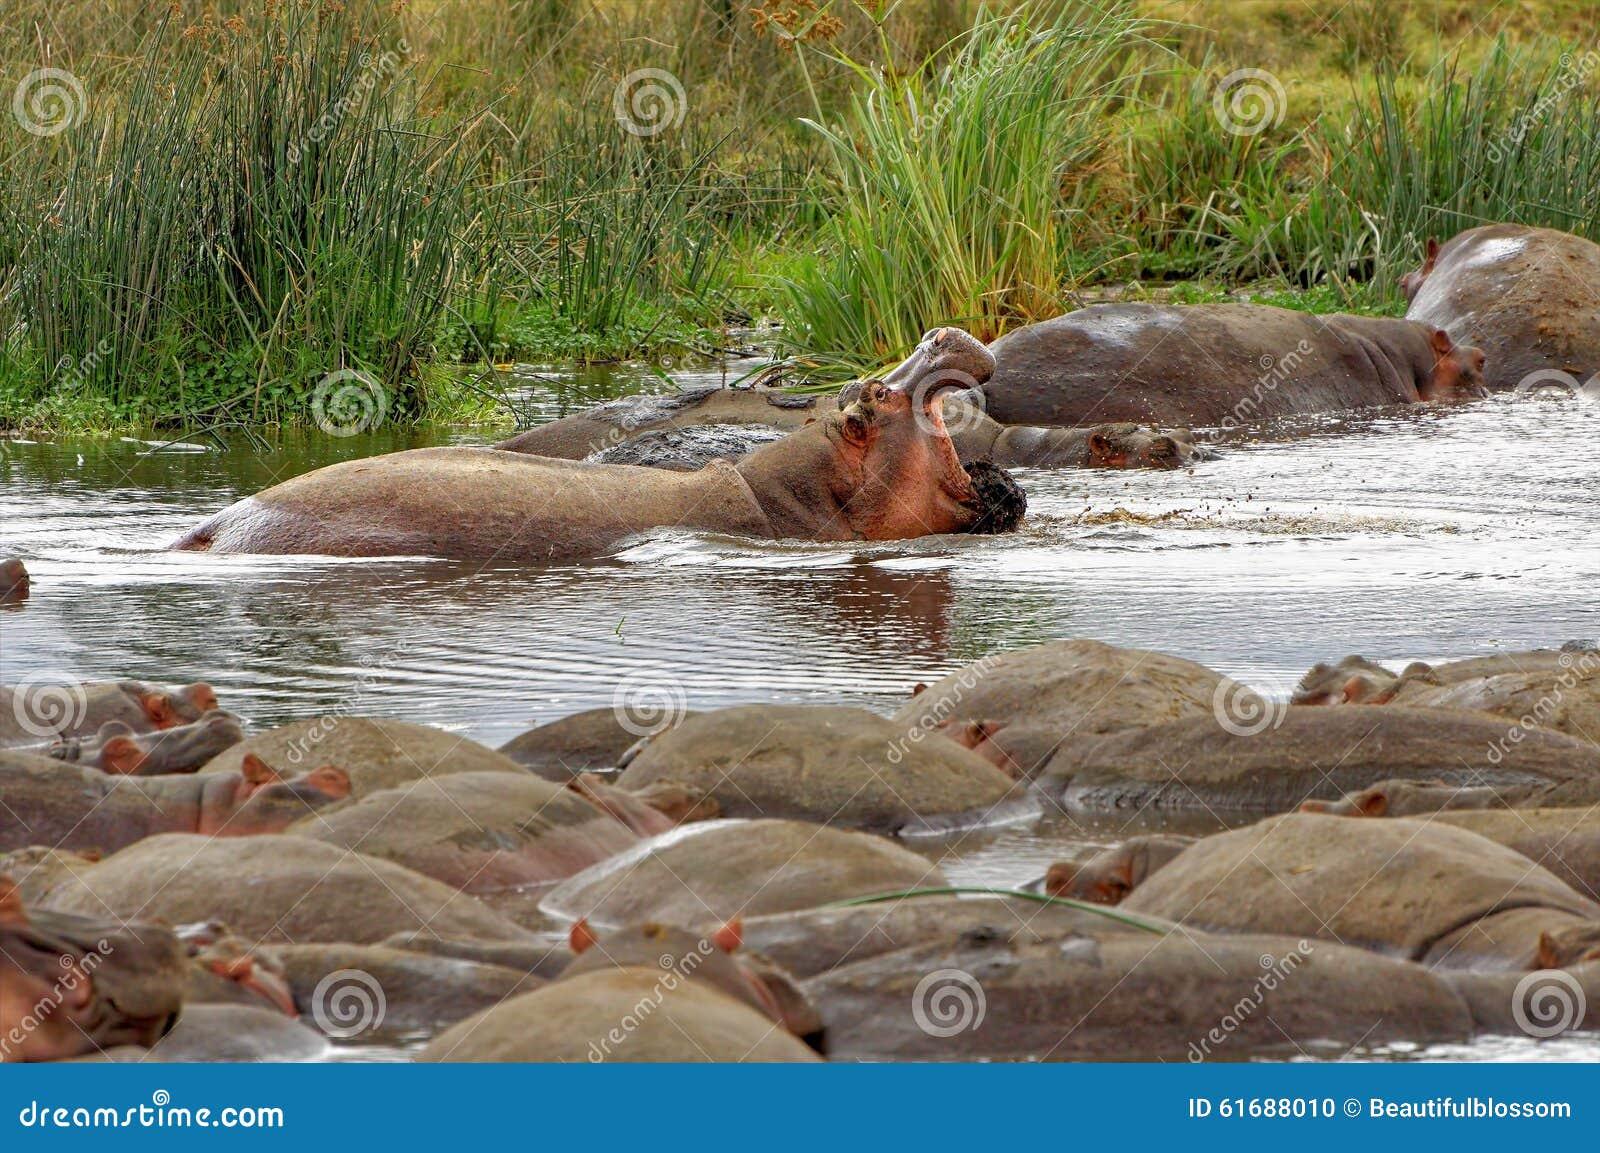 Hipopótamos no rio na área da conservação de Ngorongoro, Tanzânia